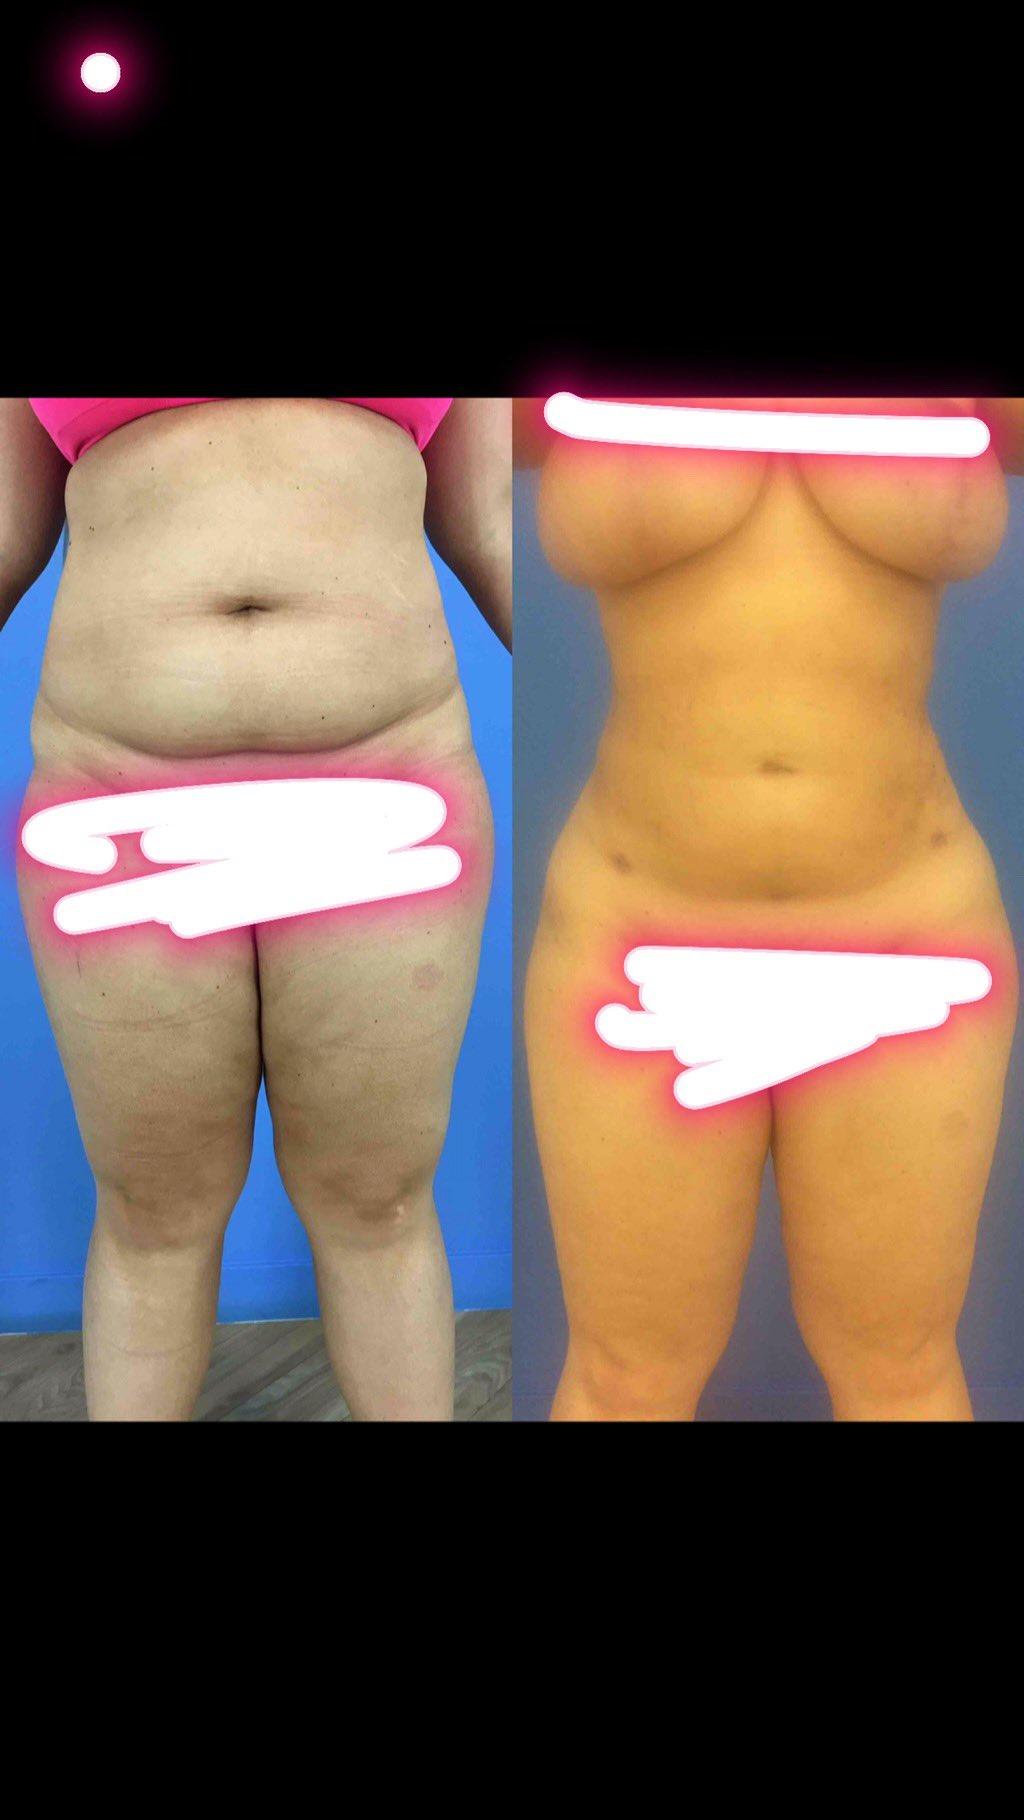 Trisha paytas breast implants